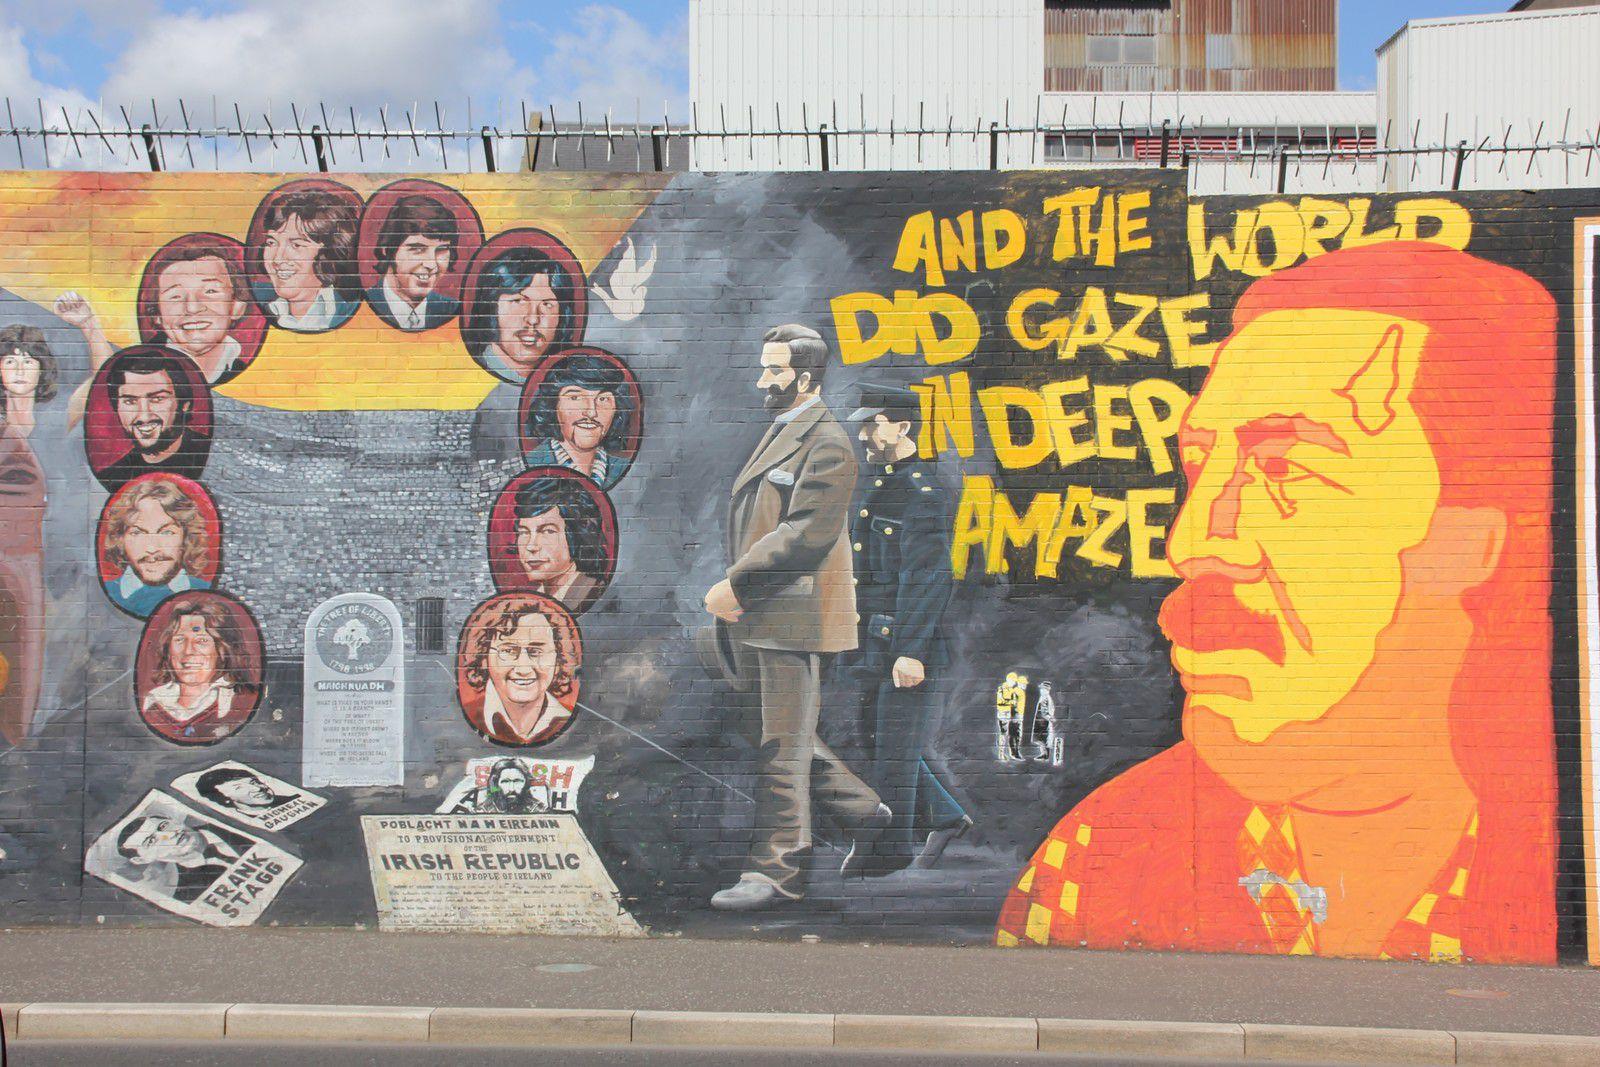 804) International Wall, Divis Street, West Belfast